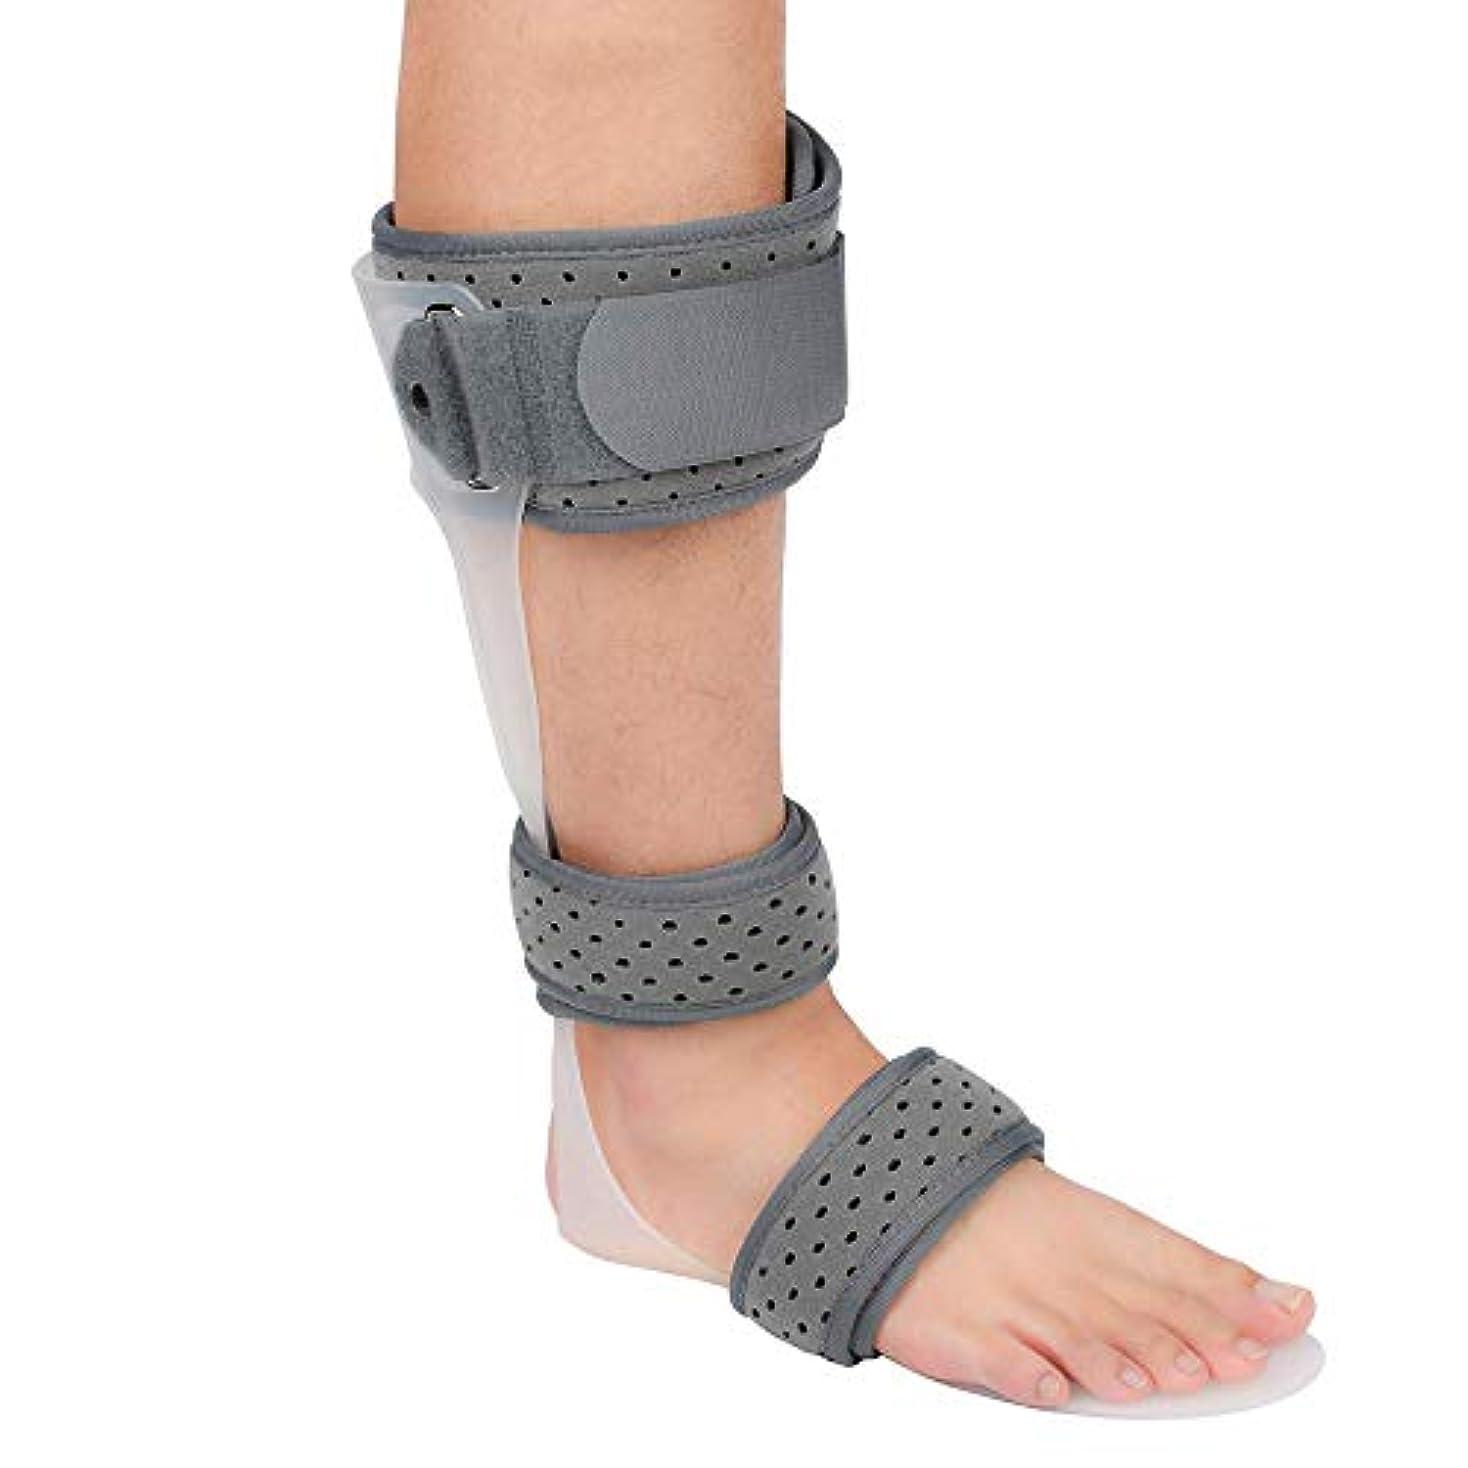 専ら緑薬を飲む足首装具フットドロップブレース、足首スタビライザーブレース、足ドロップ副木、足首保護用補正ブレース